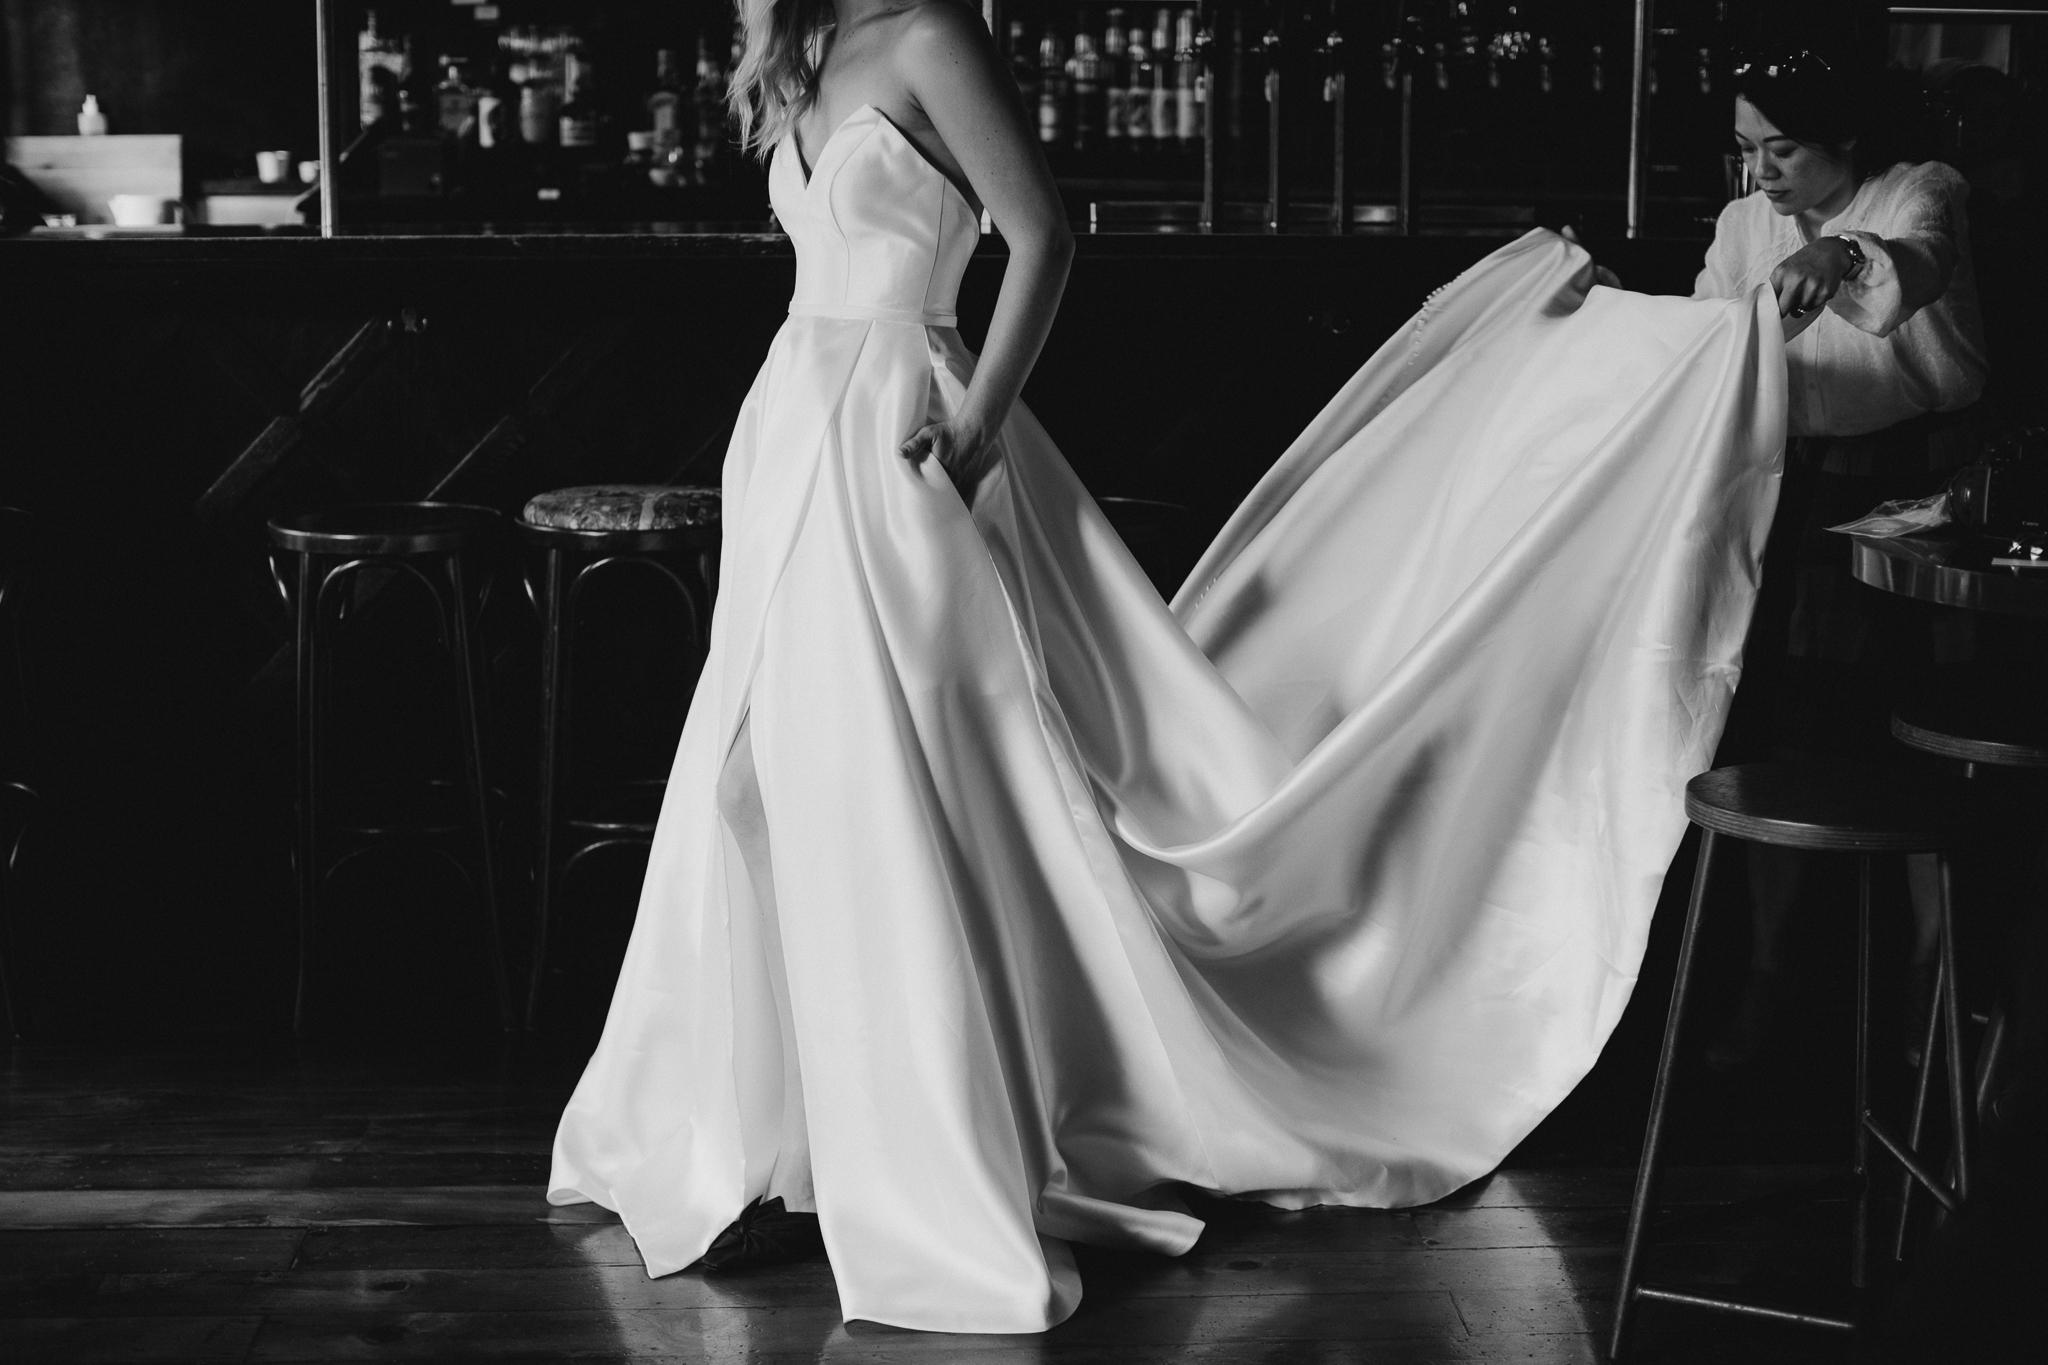 Hera_Scarlett_Wedding_Dress_Krd_Landscape_K079A6037